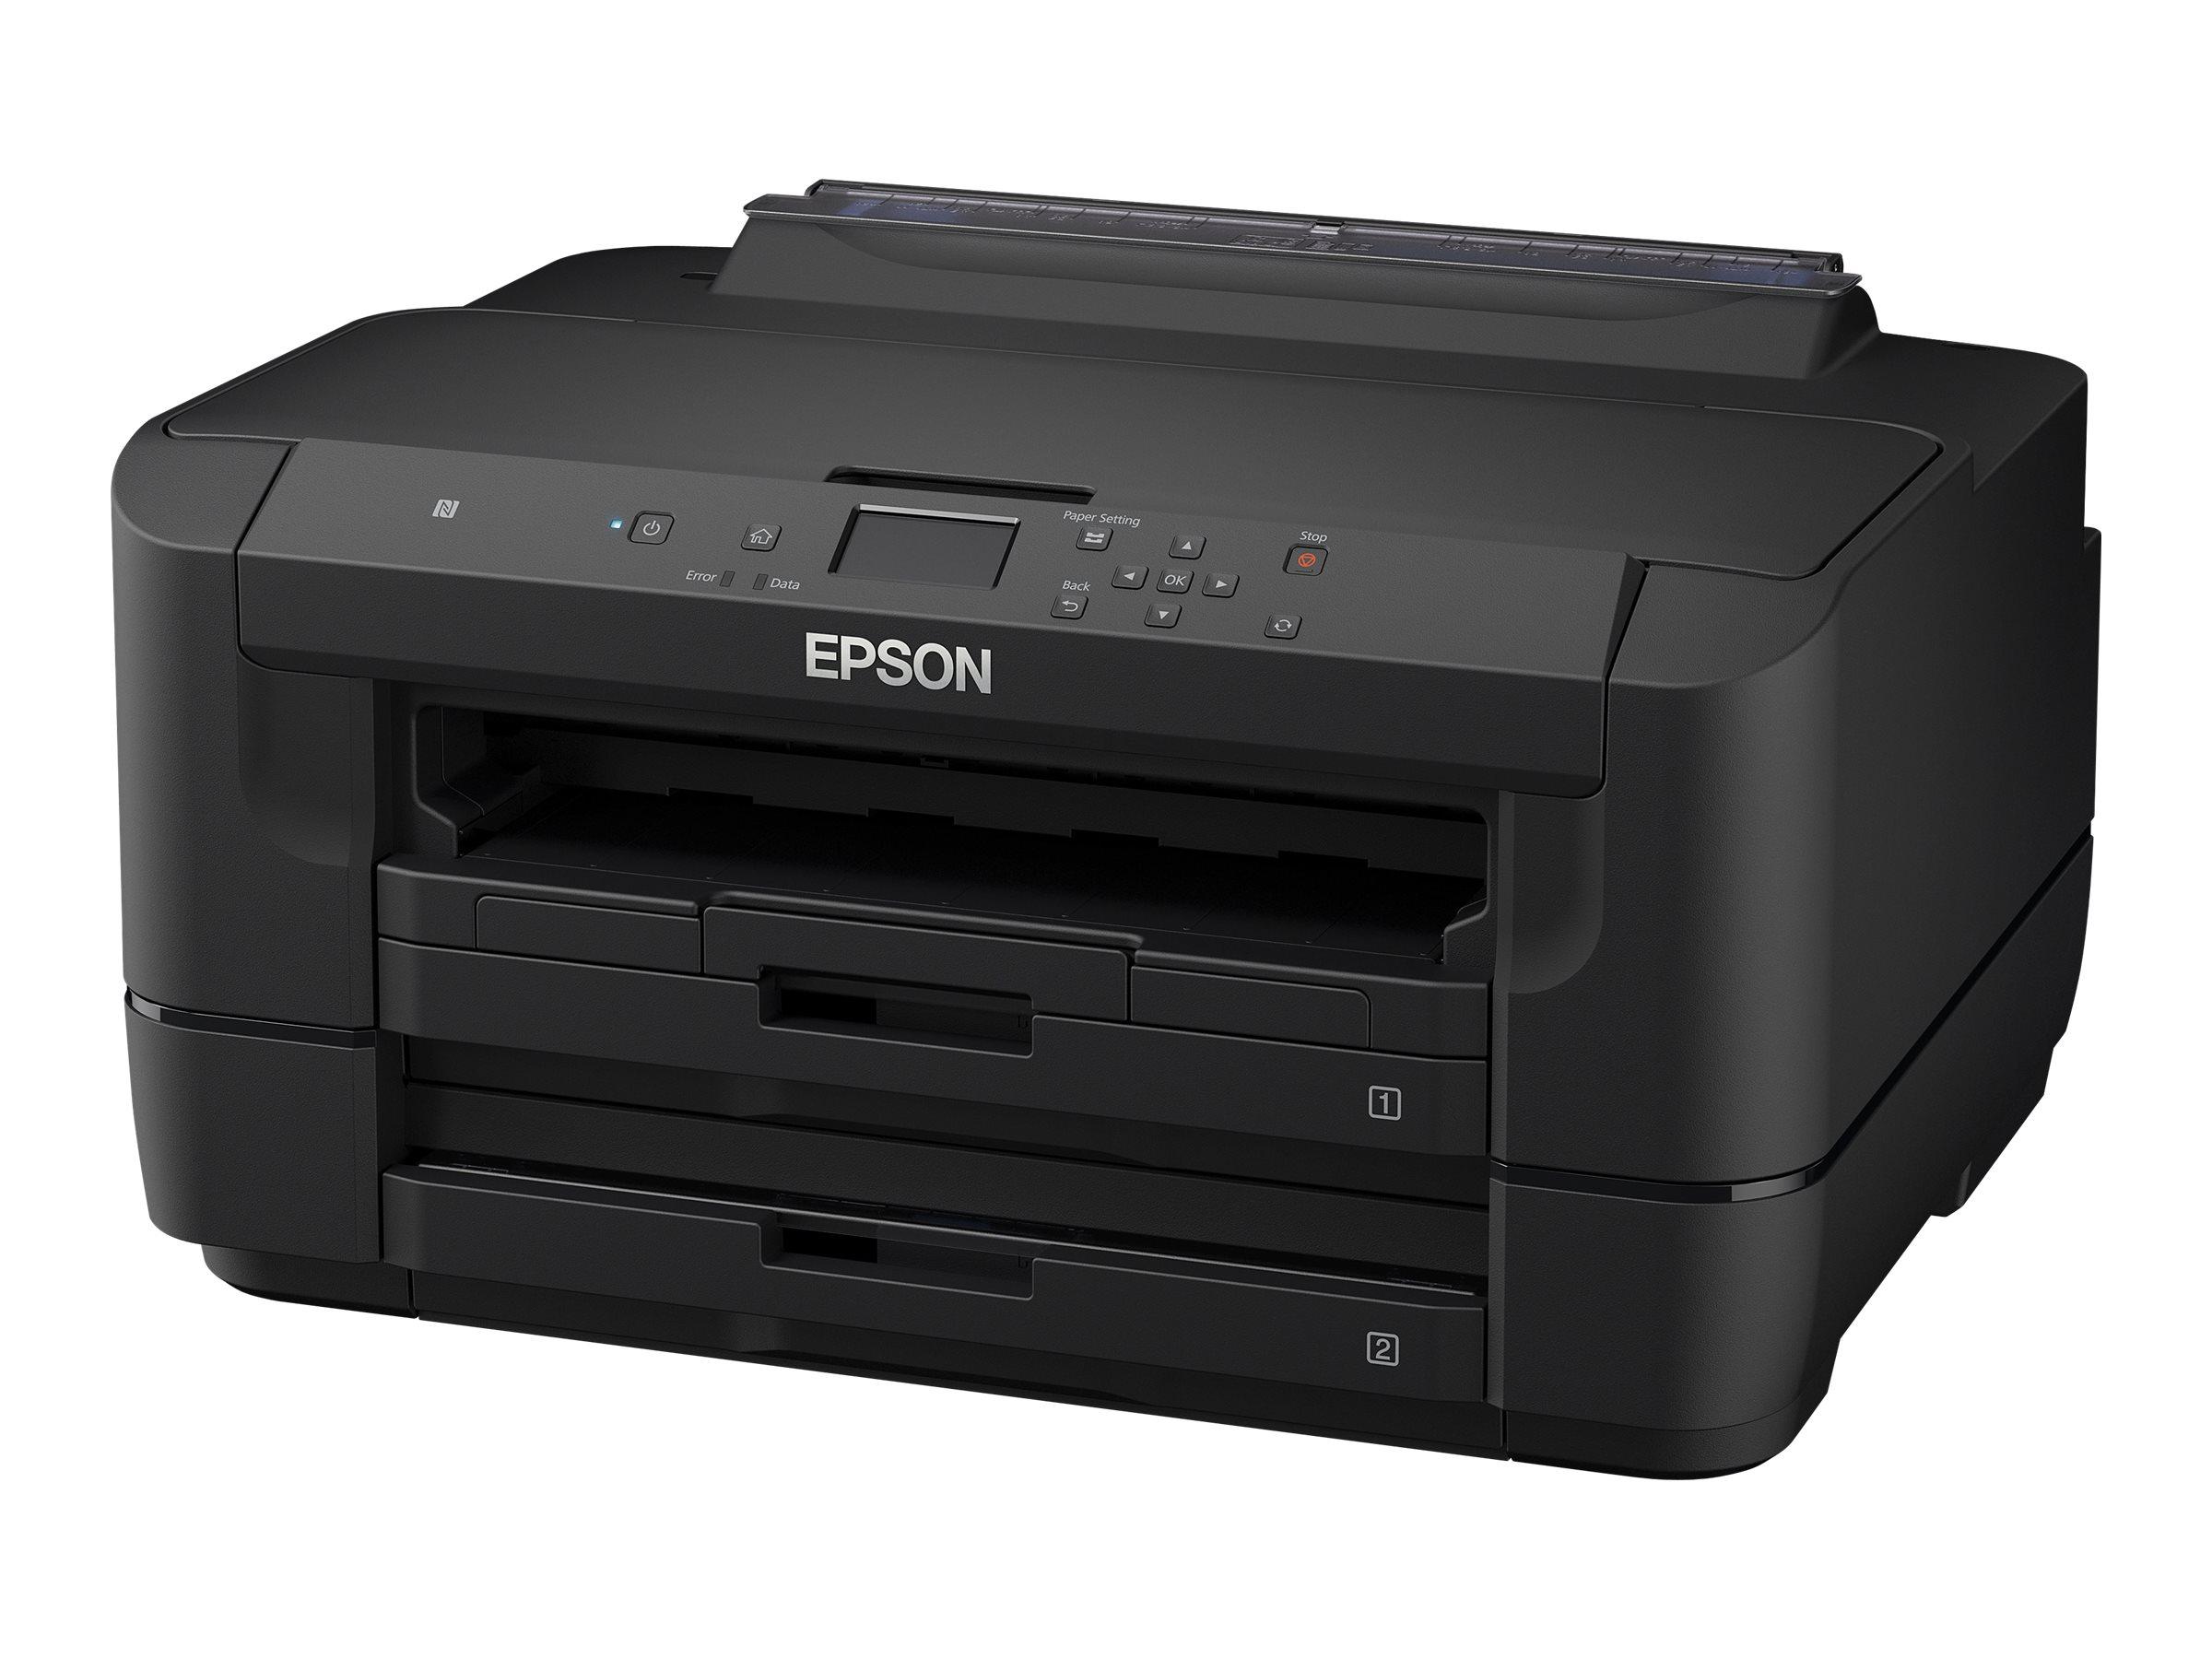 Epson WorkForce WF-7210DTW - Drucker - Farbe - Duplex - Tintenstrahl - A3